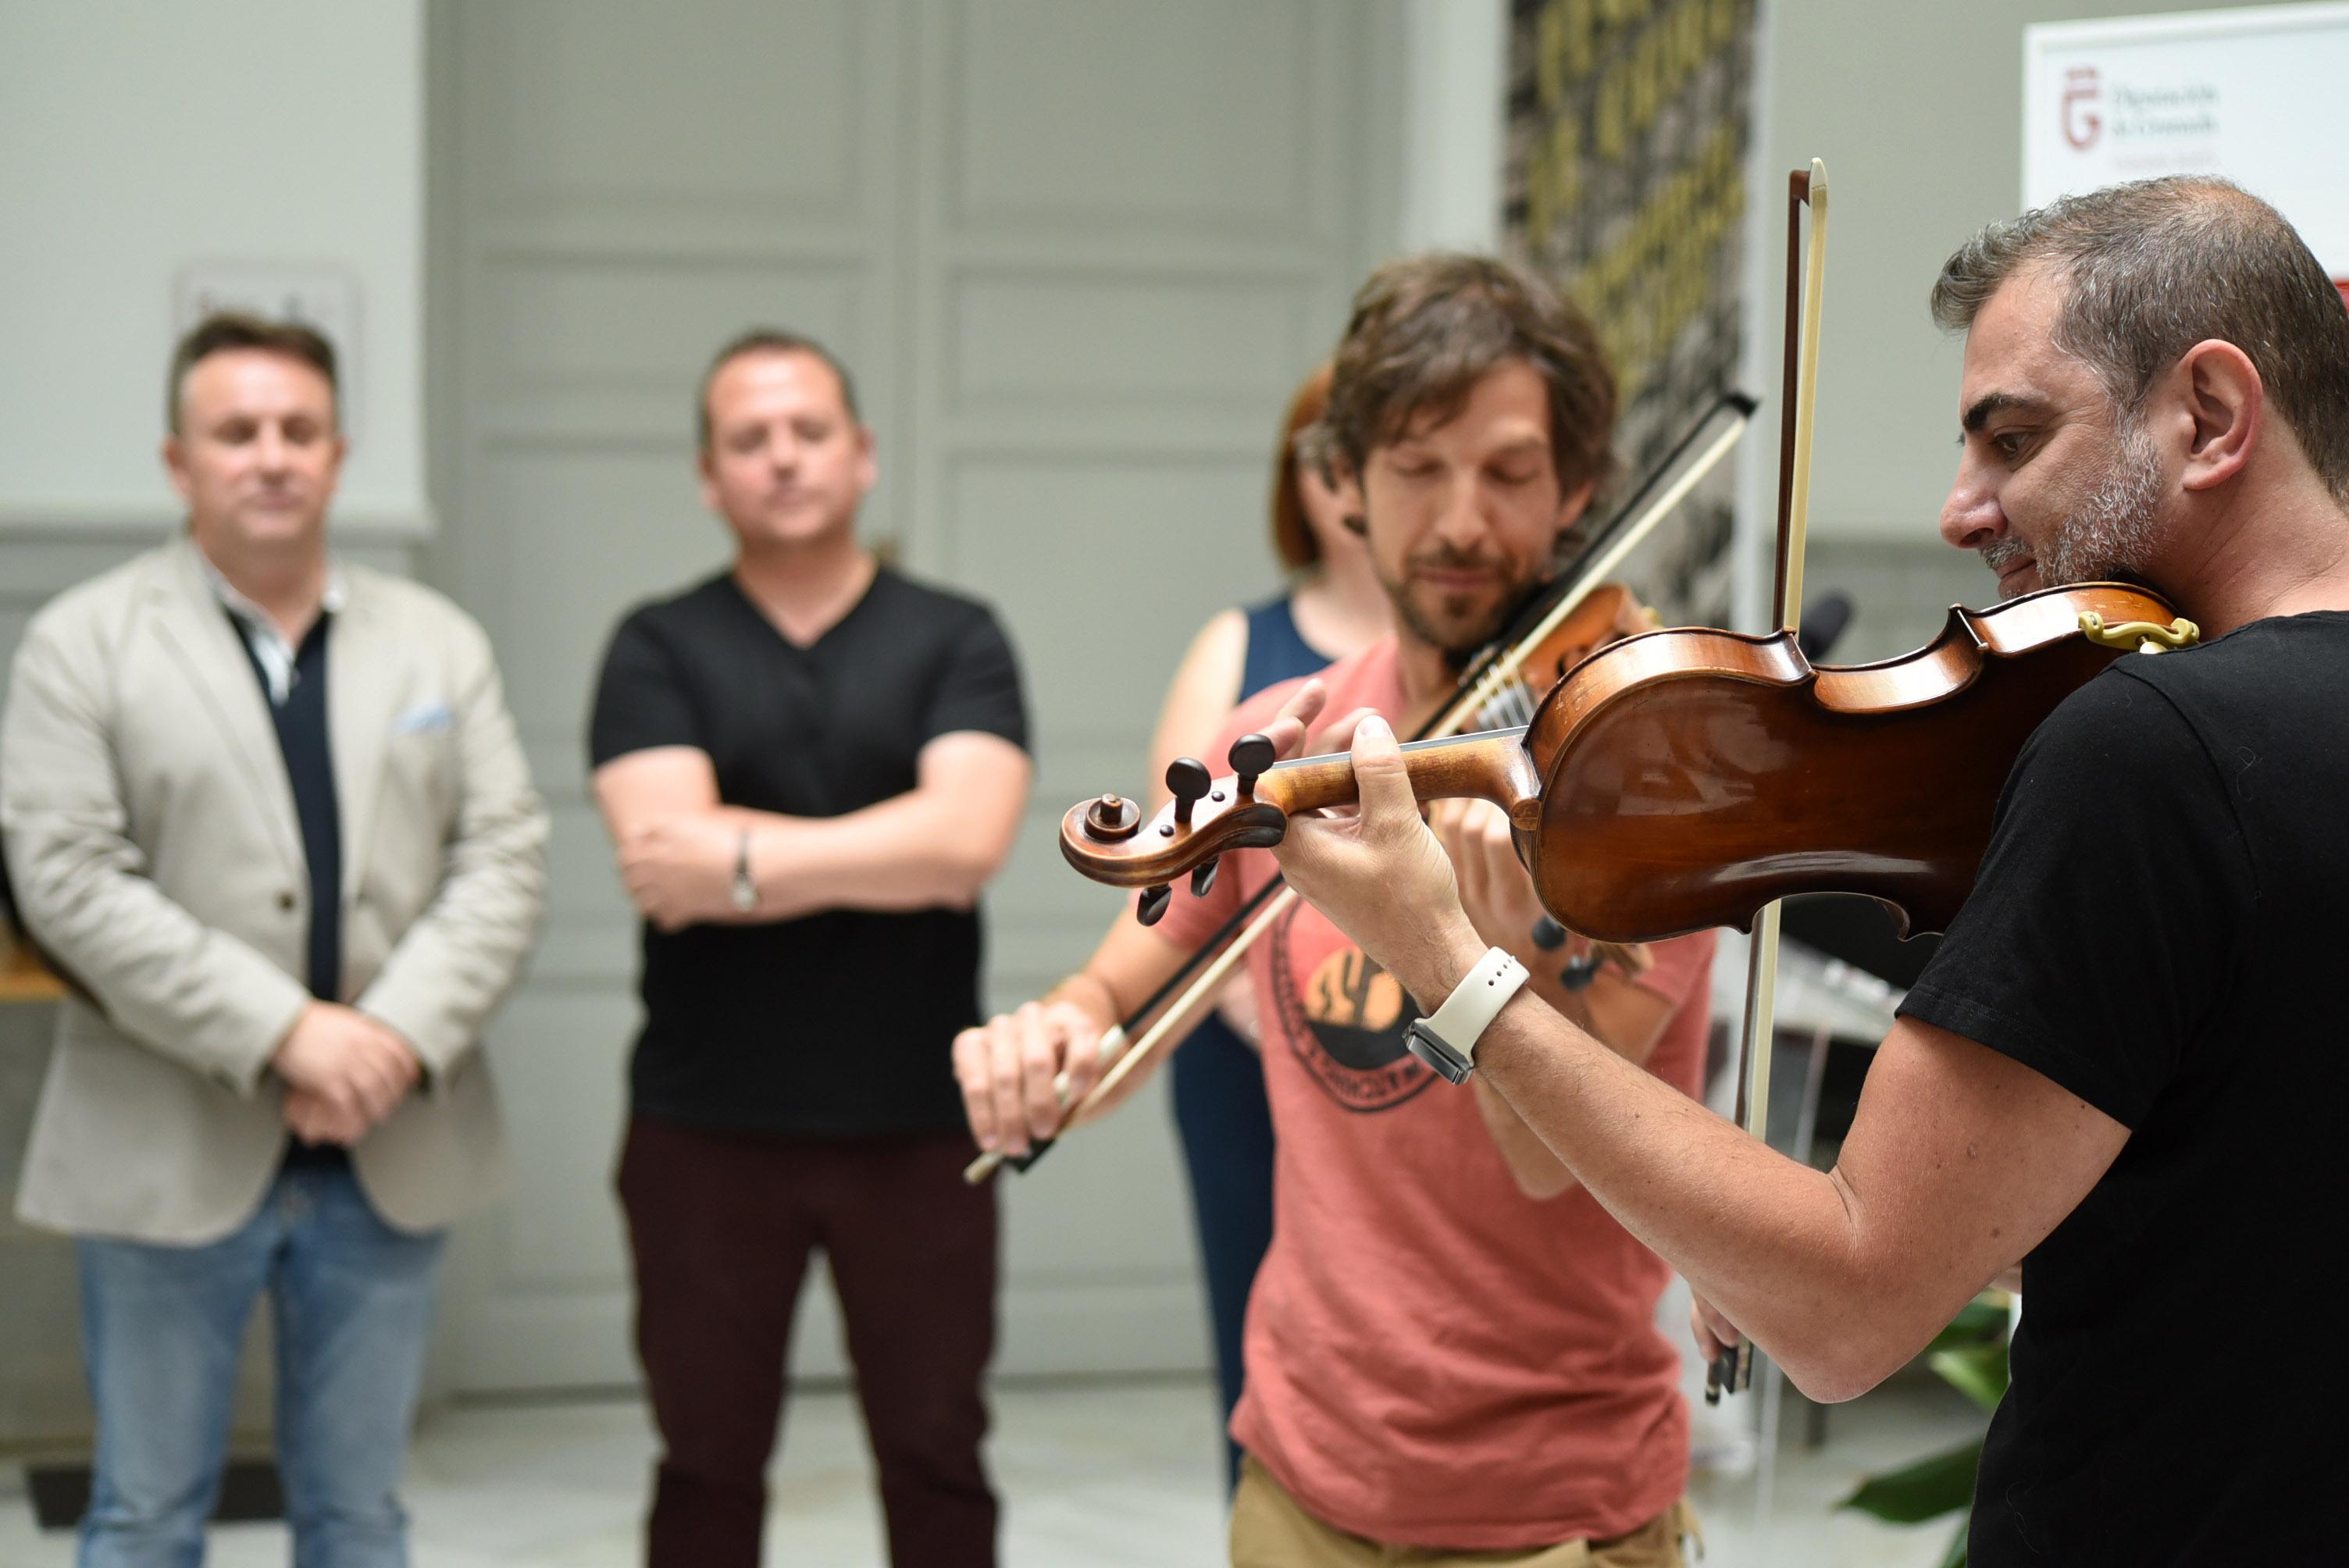 Más de 70 artistas internacionales participarán en el festival de música celta de Cúllar Vega